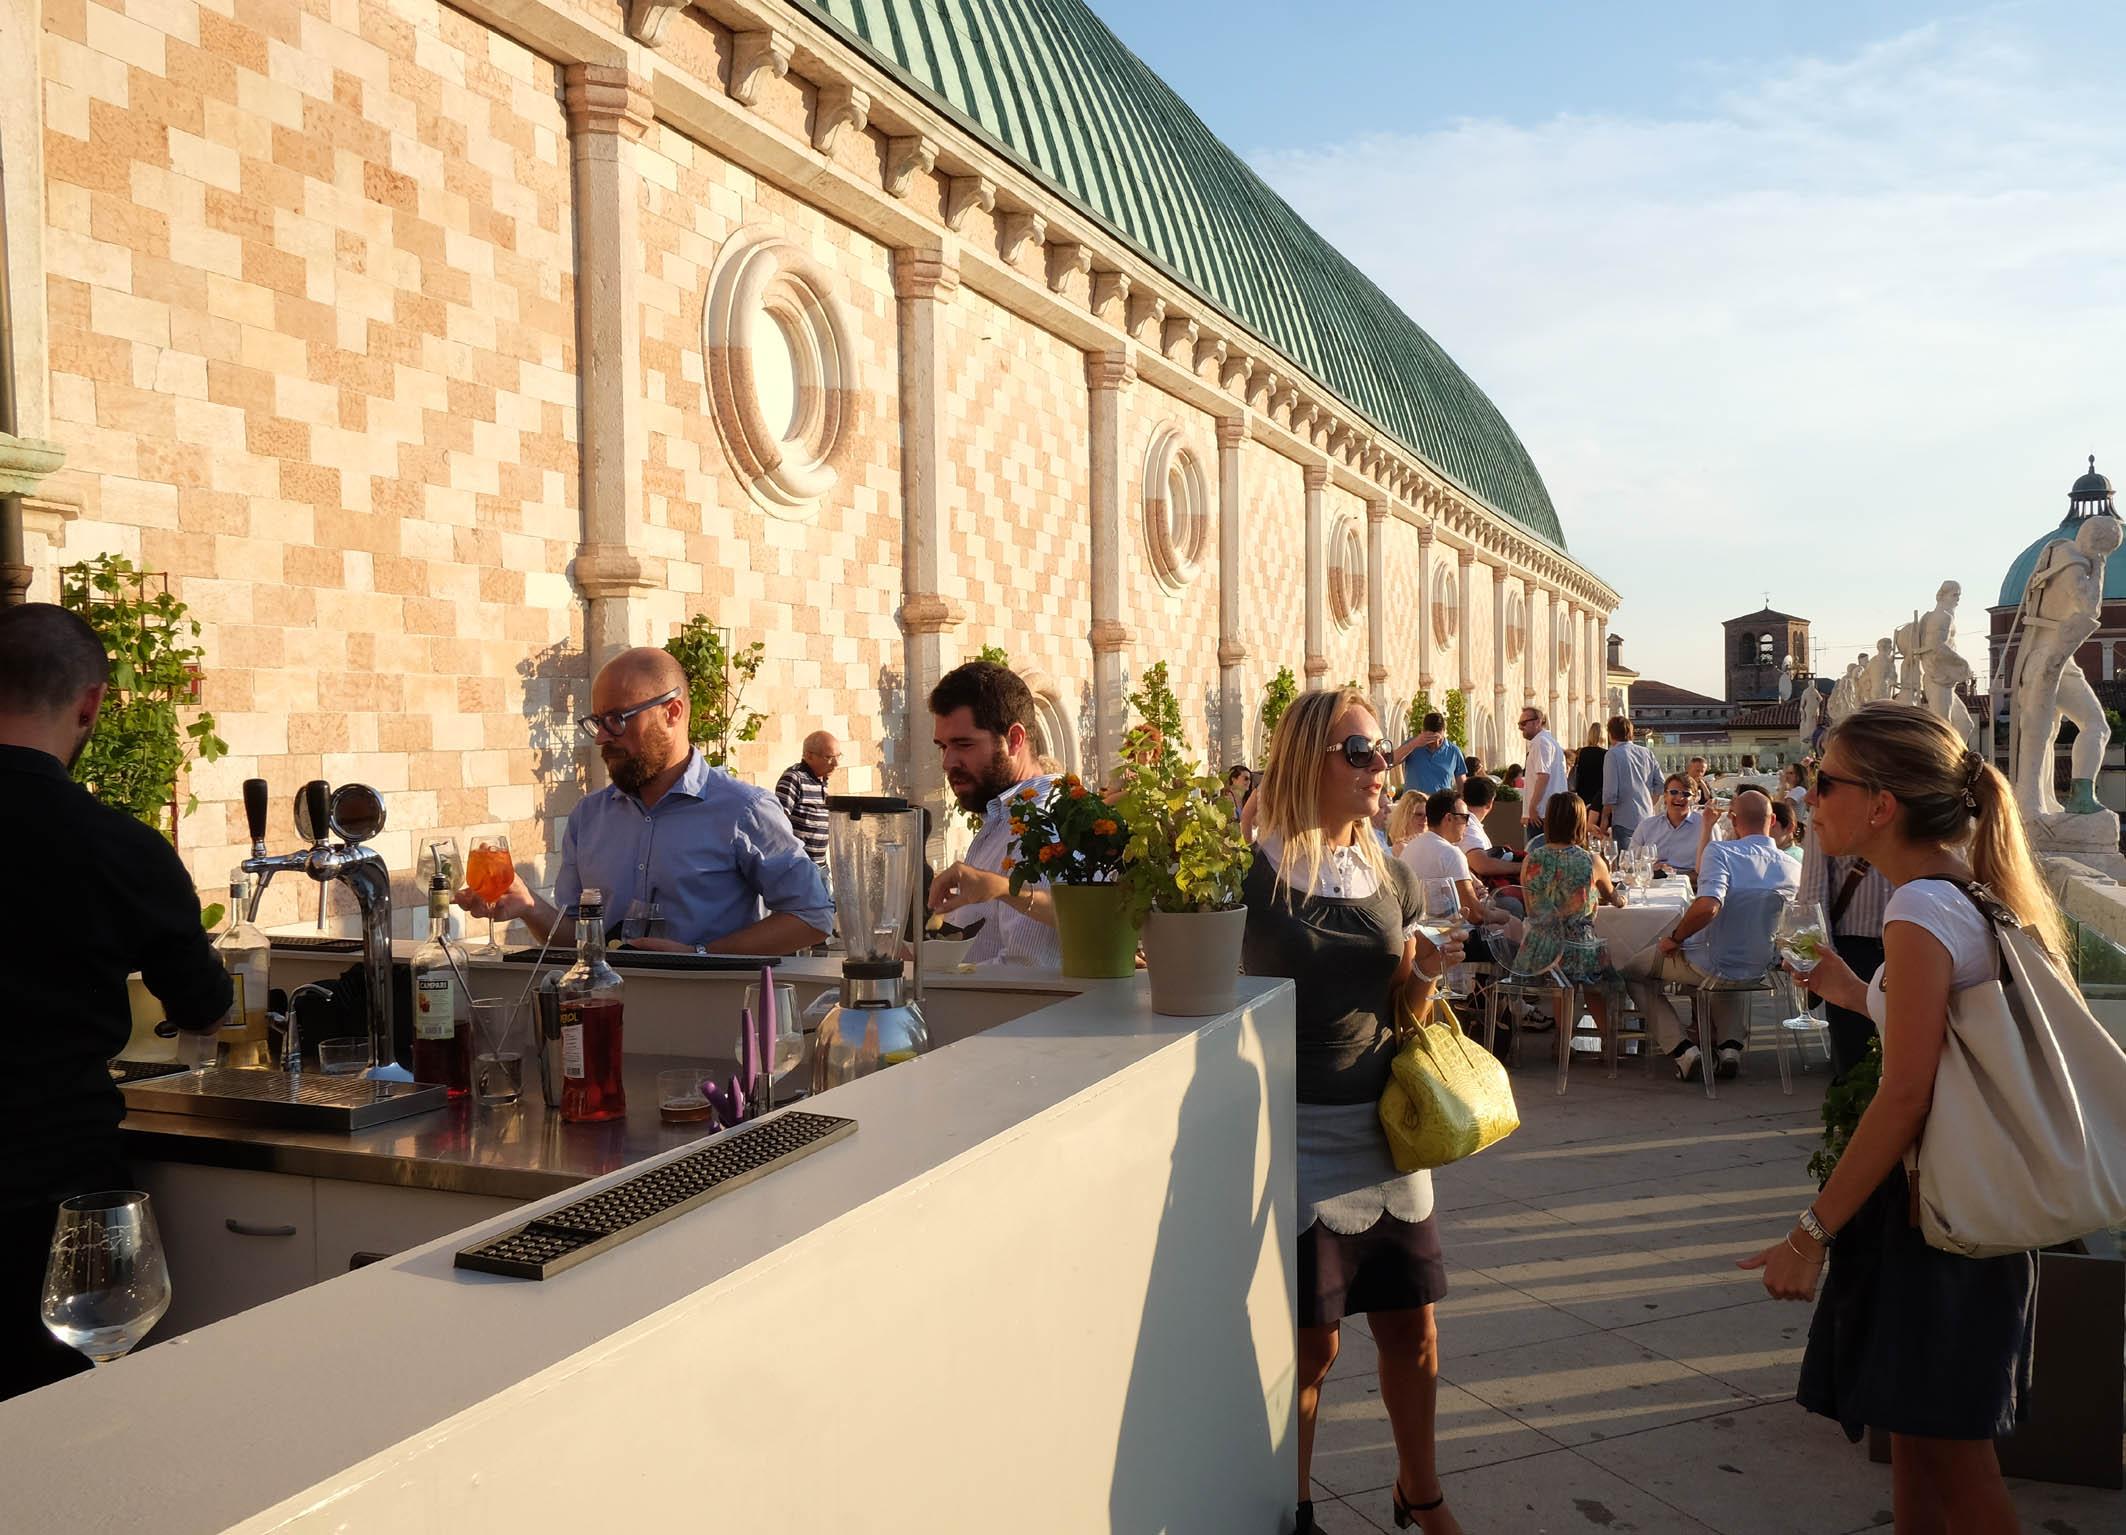 Musica sulla terrazza della Basilica palladiana nel fine settimana ...